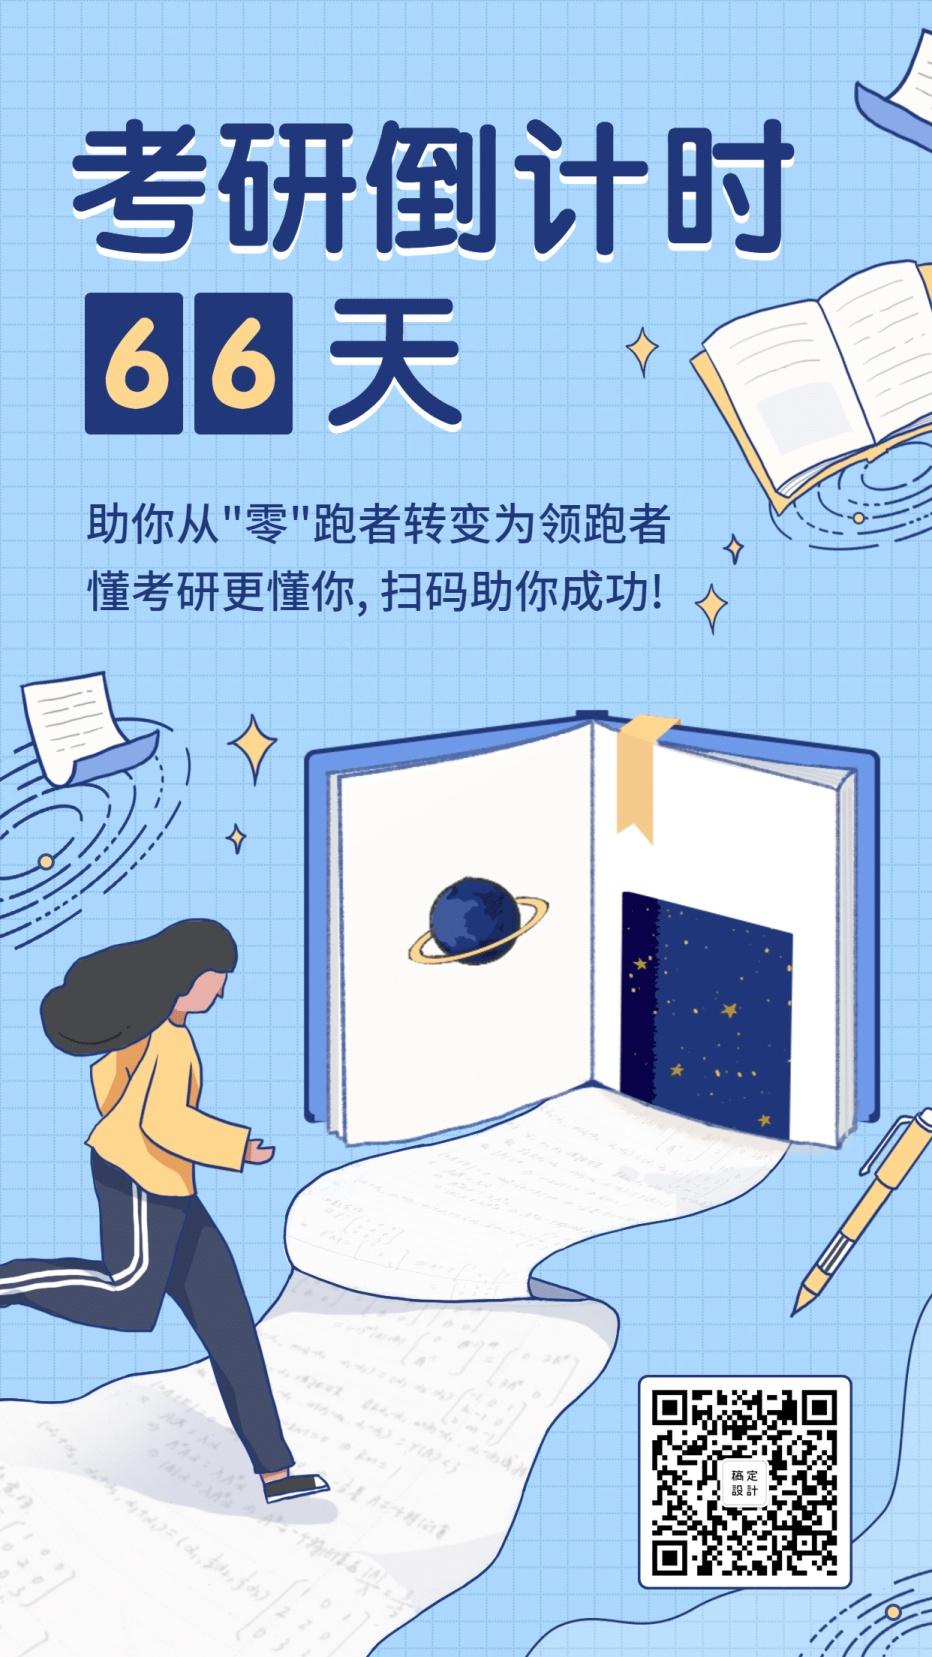 考研考试倒计时手绘插画创意简约文艺手机海报